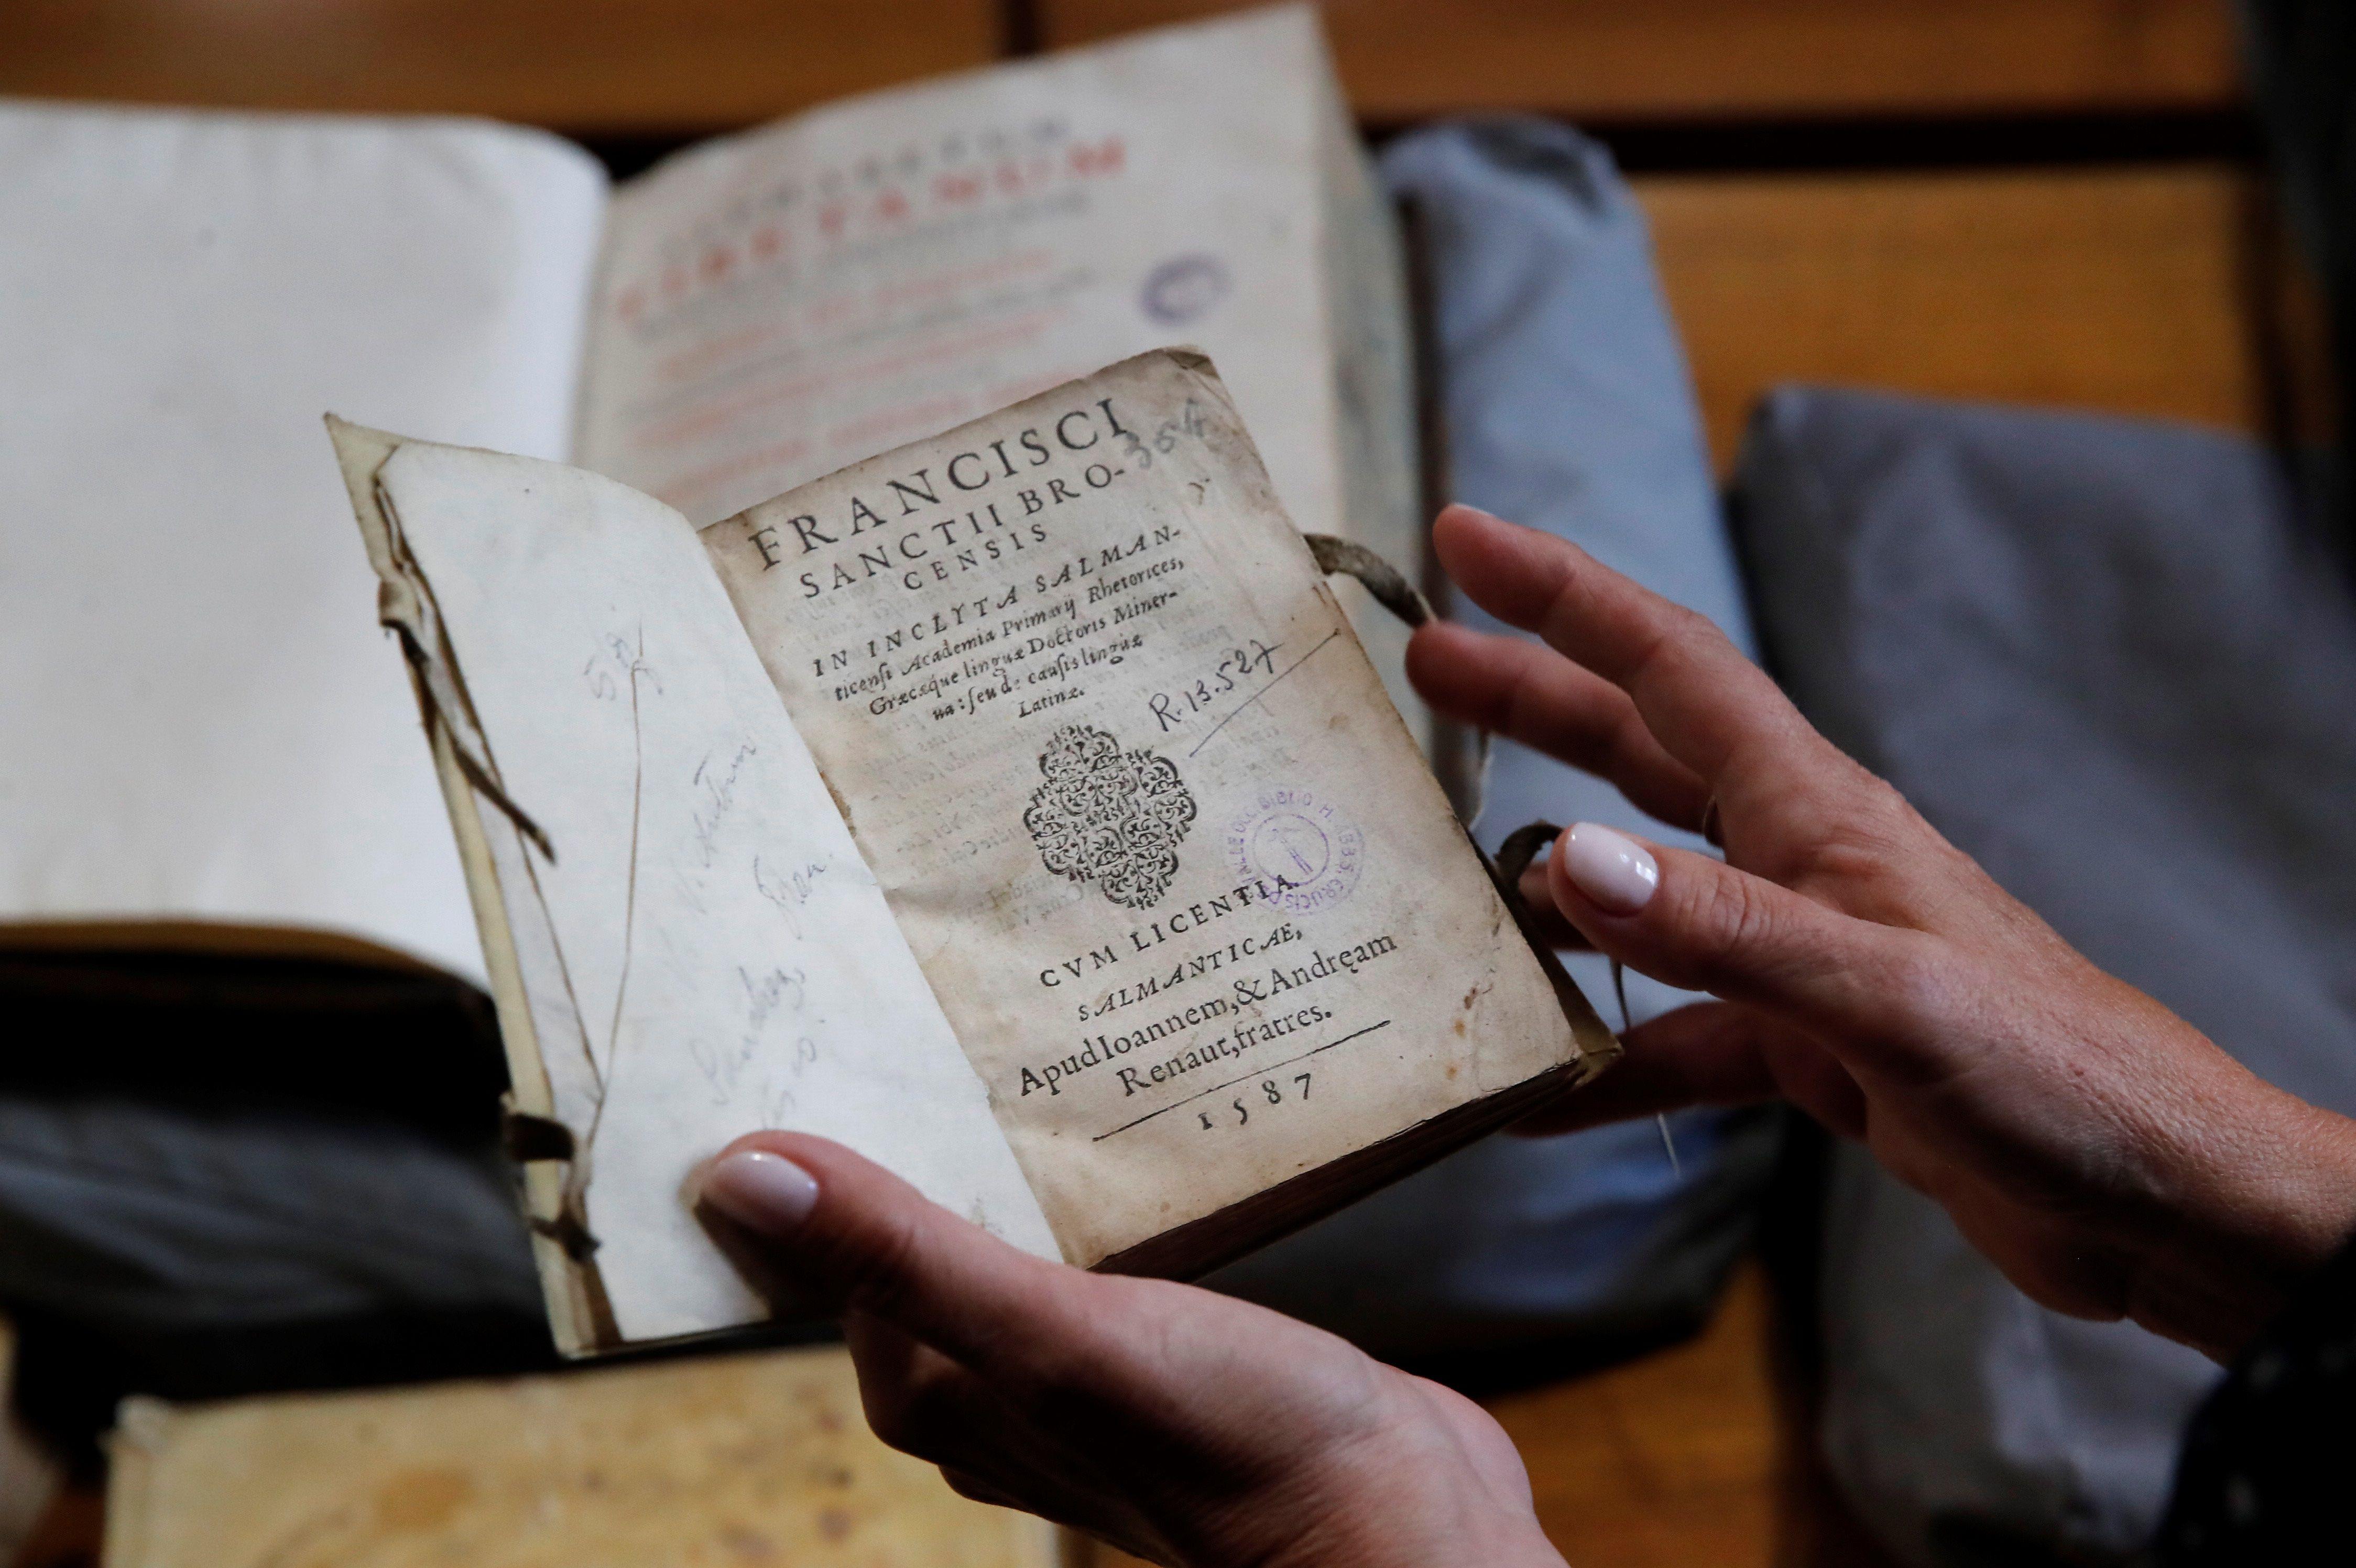 Uno de los 400 ejemplares devueltos por la Abadía del Valle de los Caídos